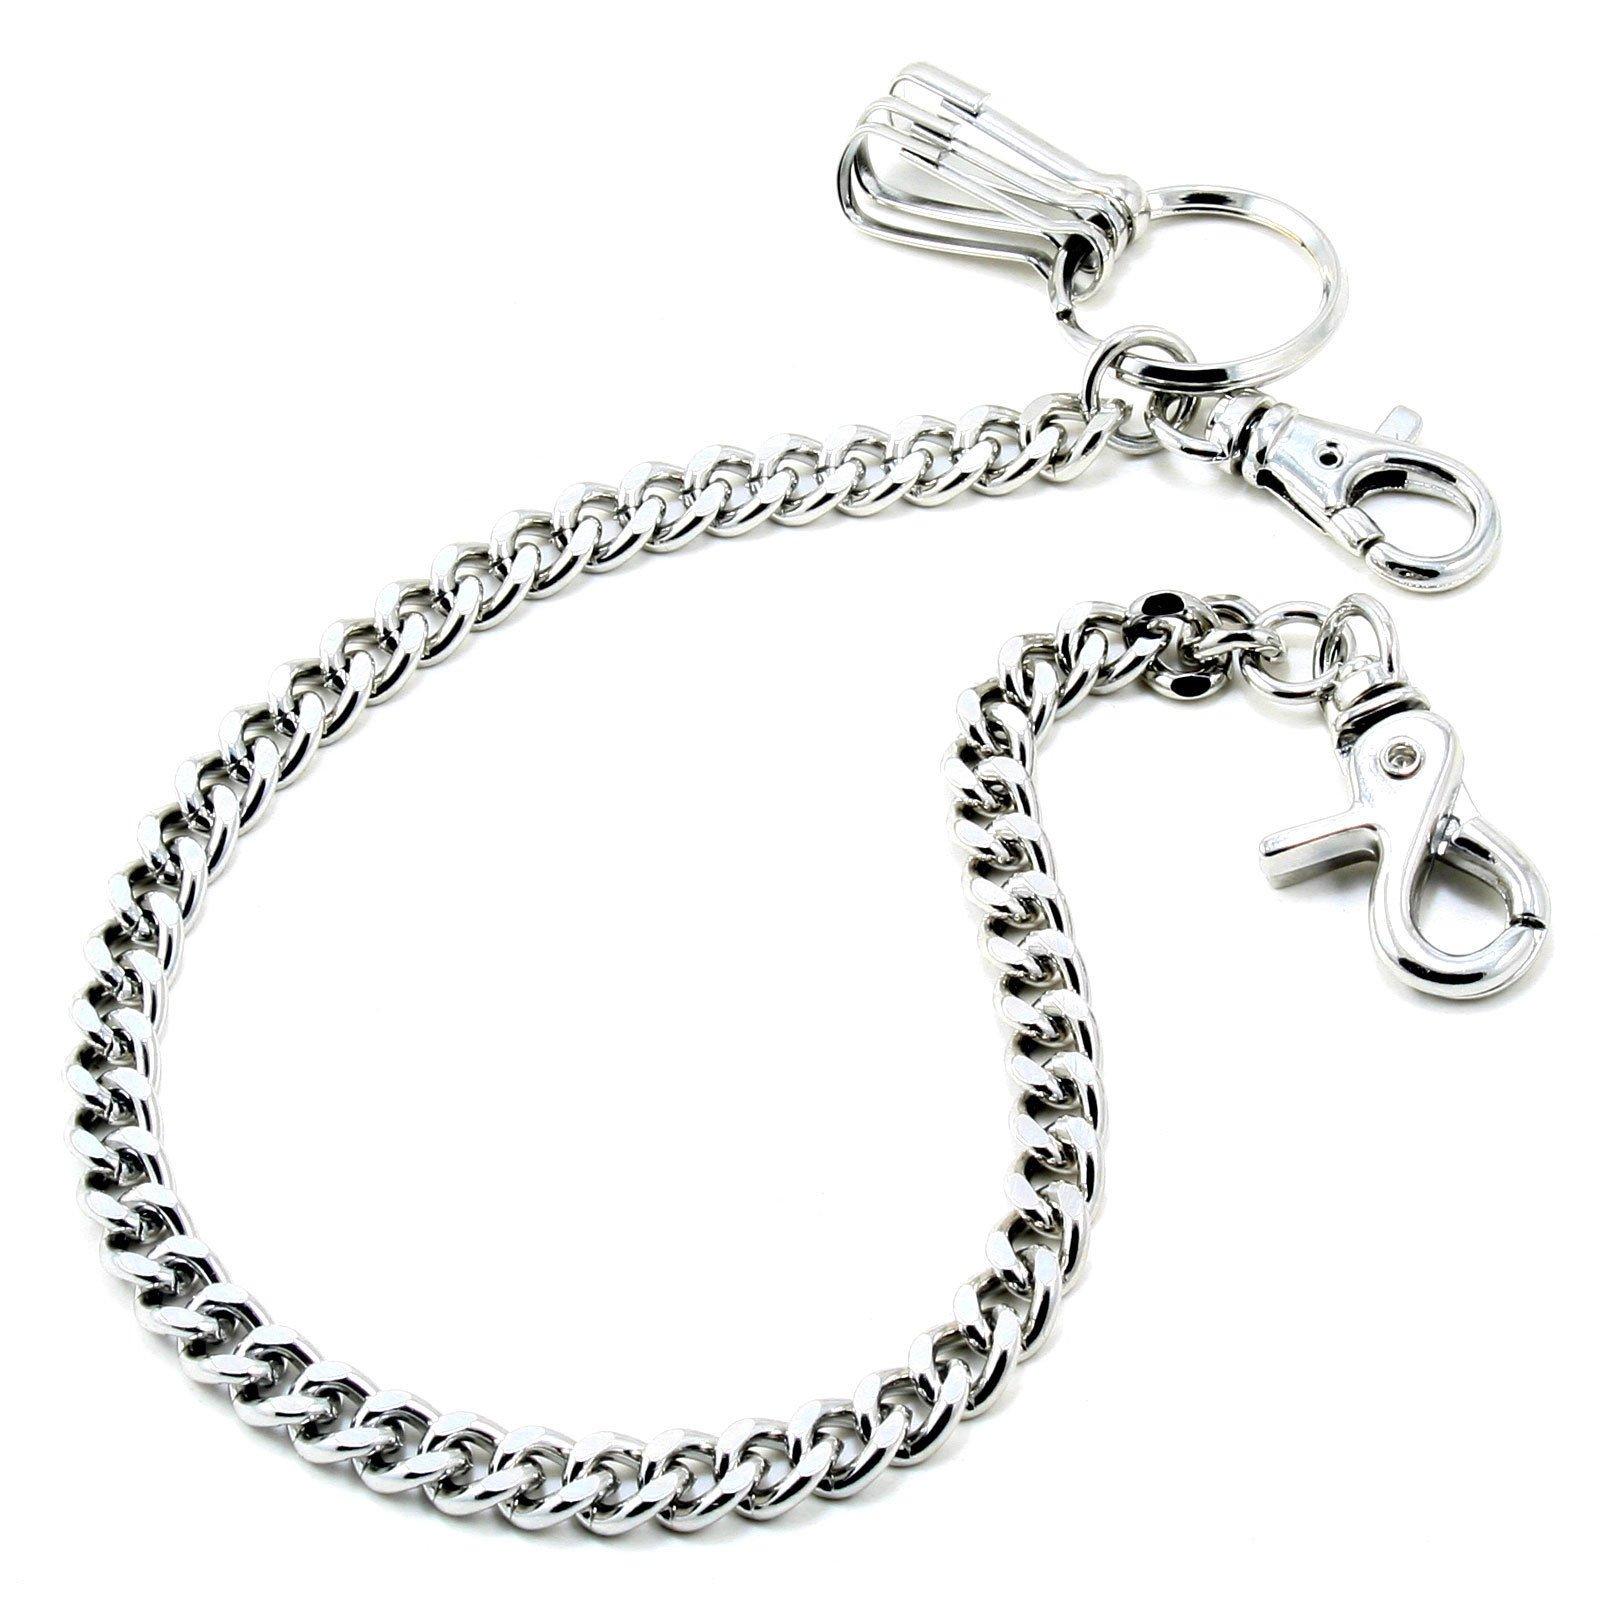 DoubleK Basic Strong Leash Biker Trucker Key Jean Wallet Chain (21'') Silver CS15420